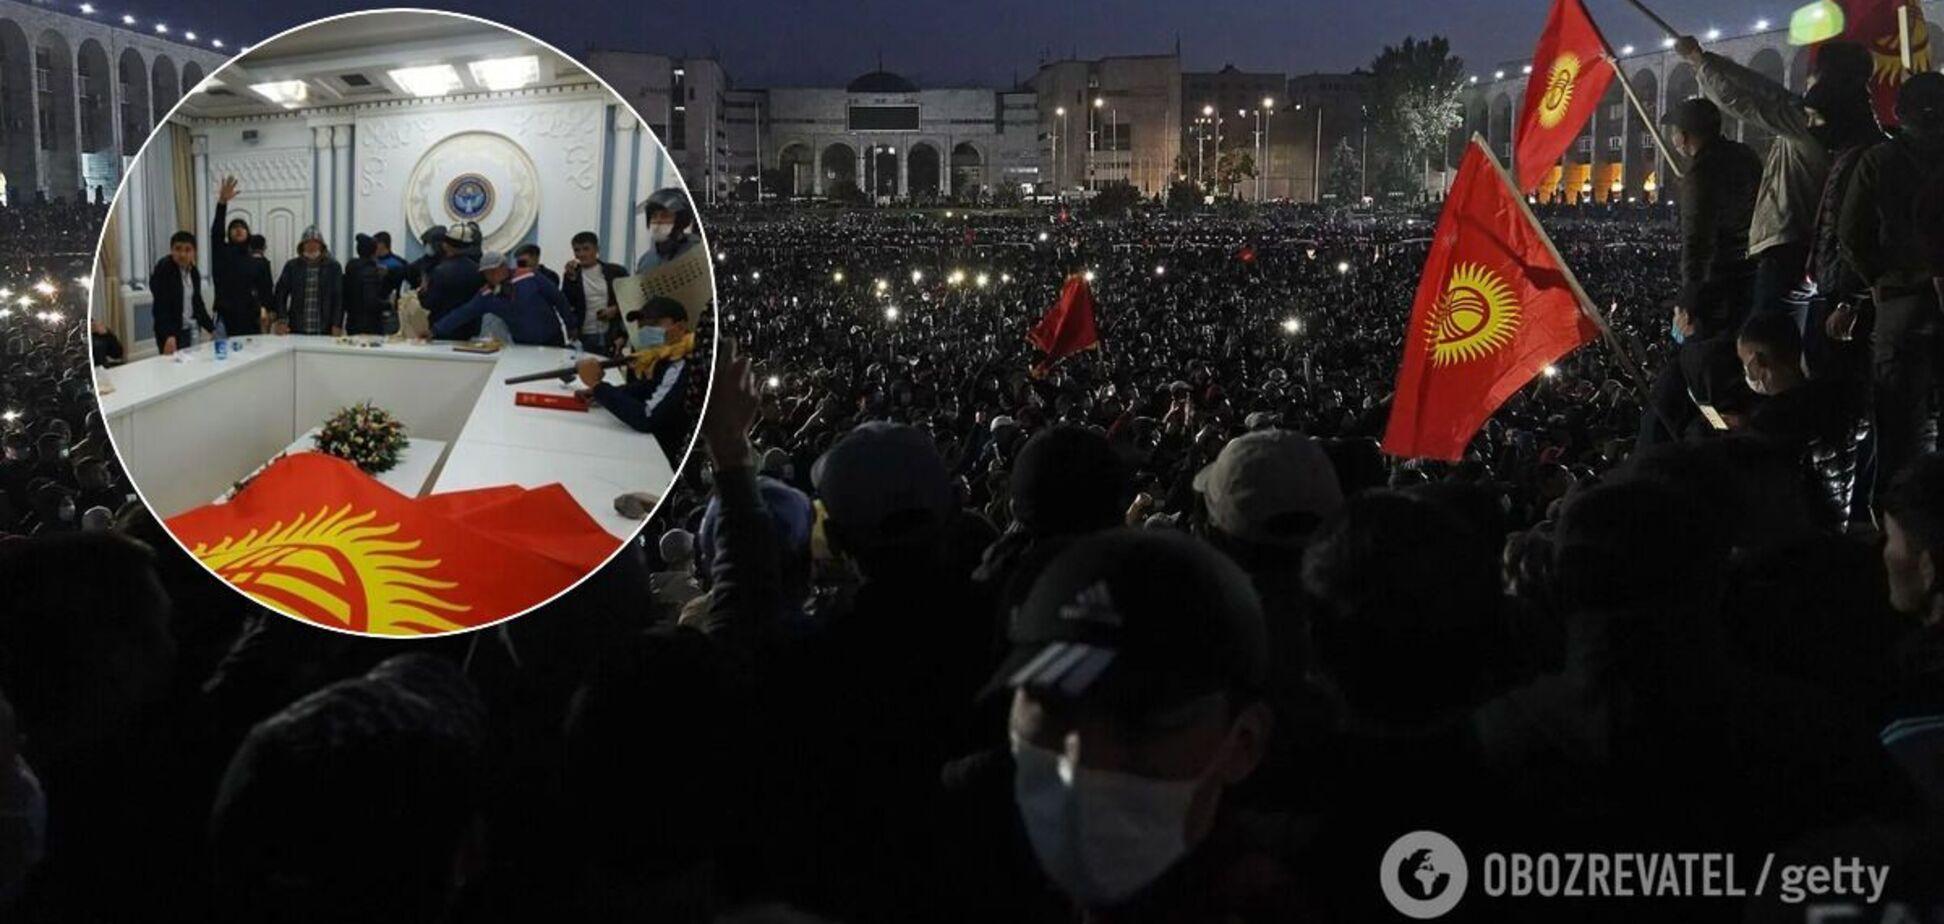 Протести у Киргизстані через вибори